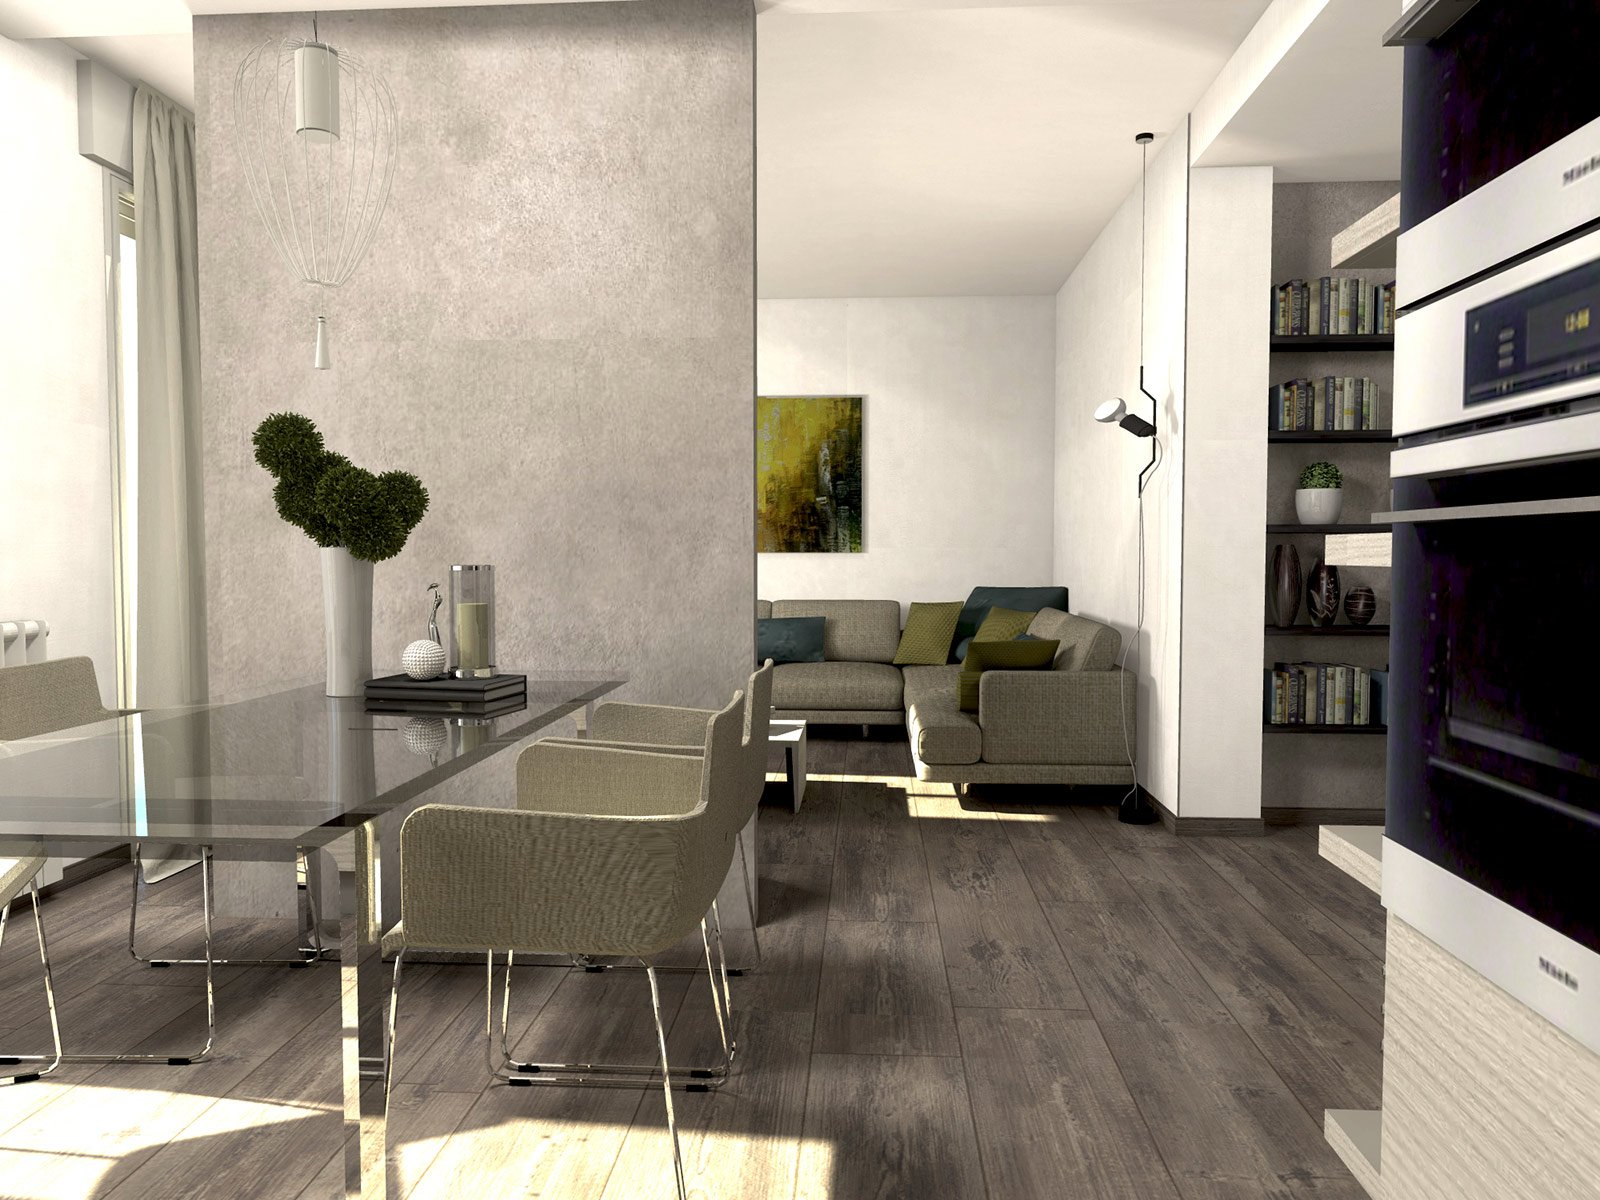 Da casa tradizionale ad abitazione moderna e attuale for Disegni di casa piano aperto